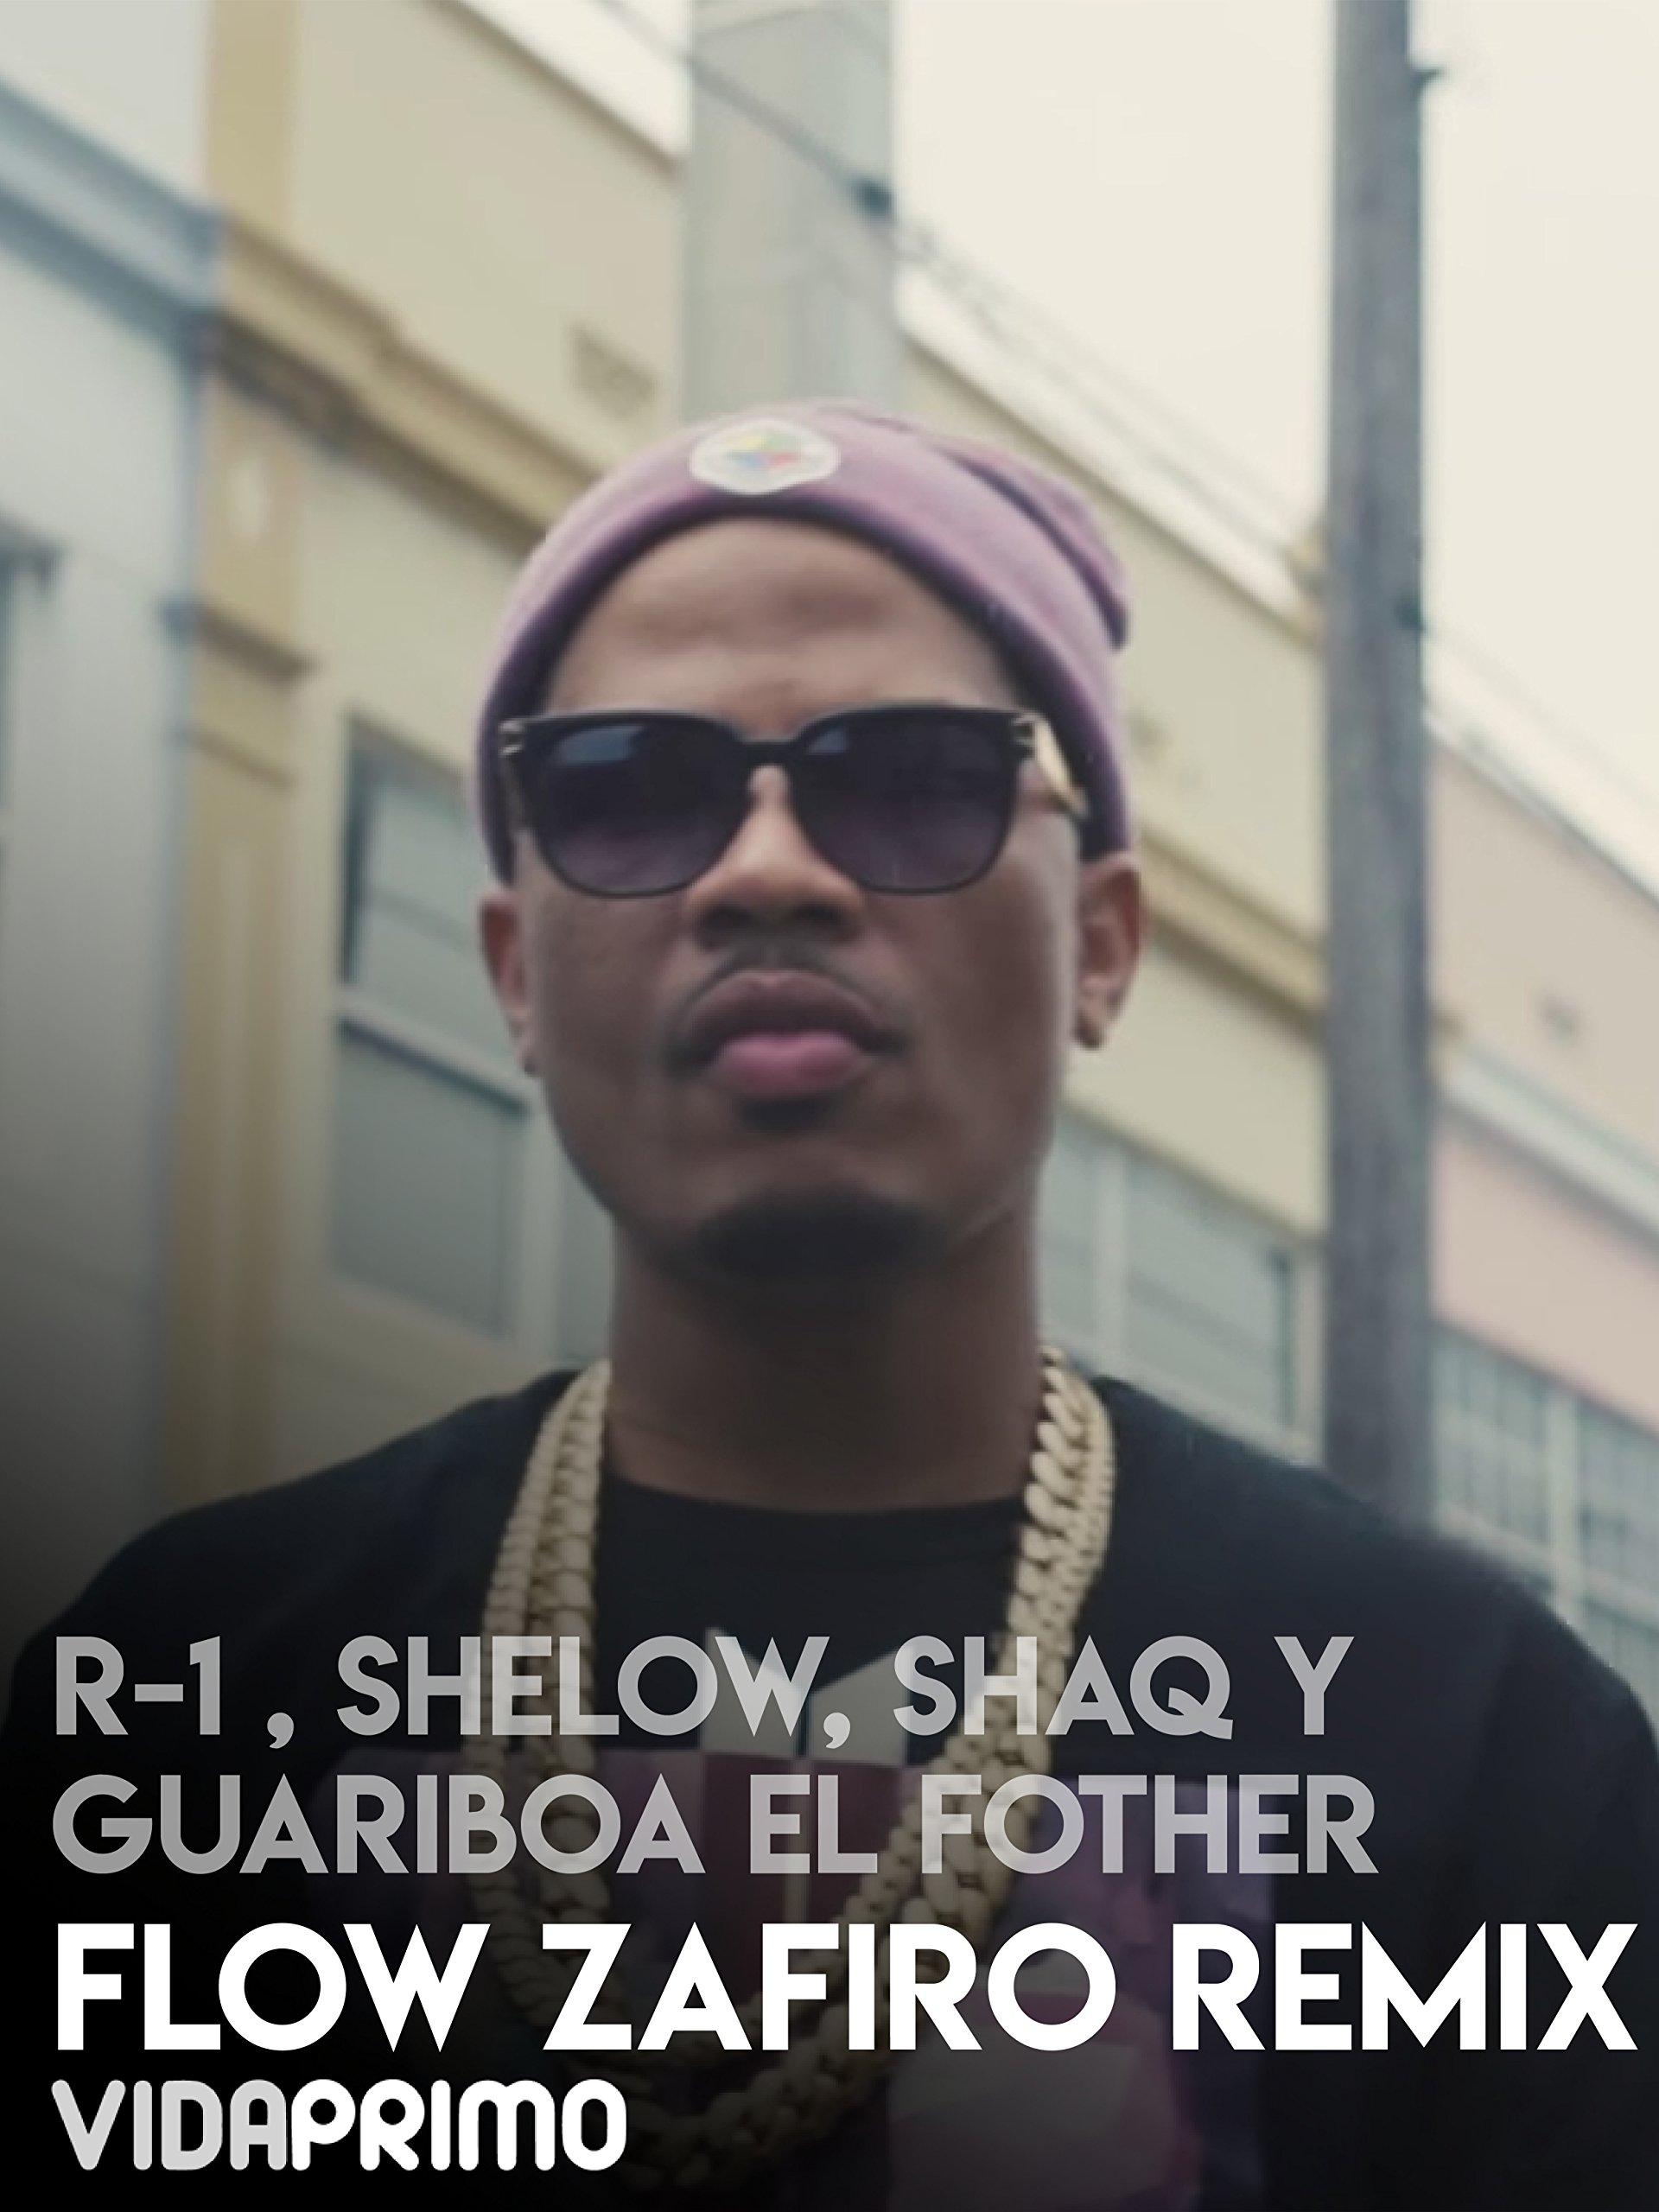 R-1 La Esencia, Shelow Shaq y Guariboa El_Fother